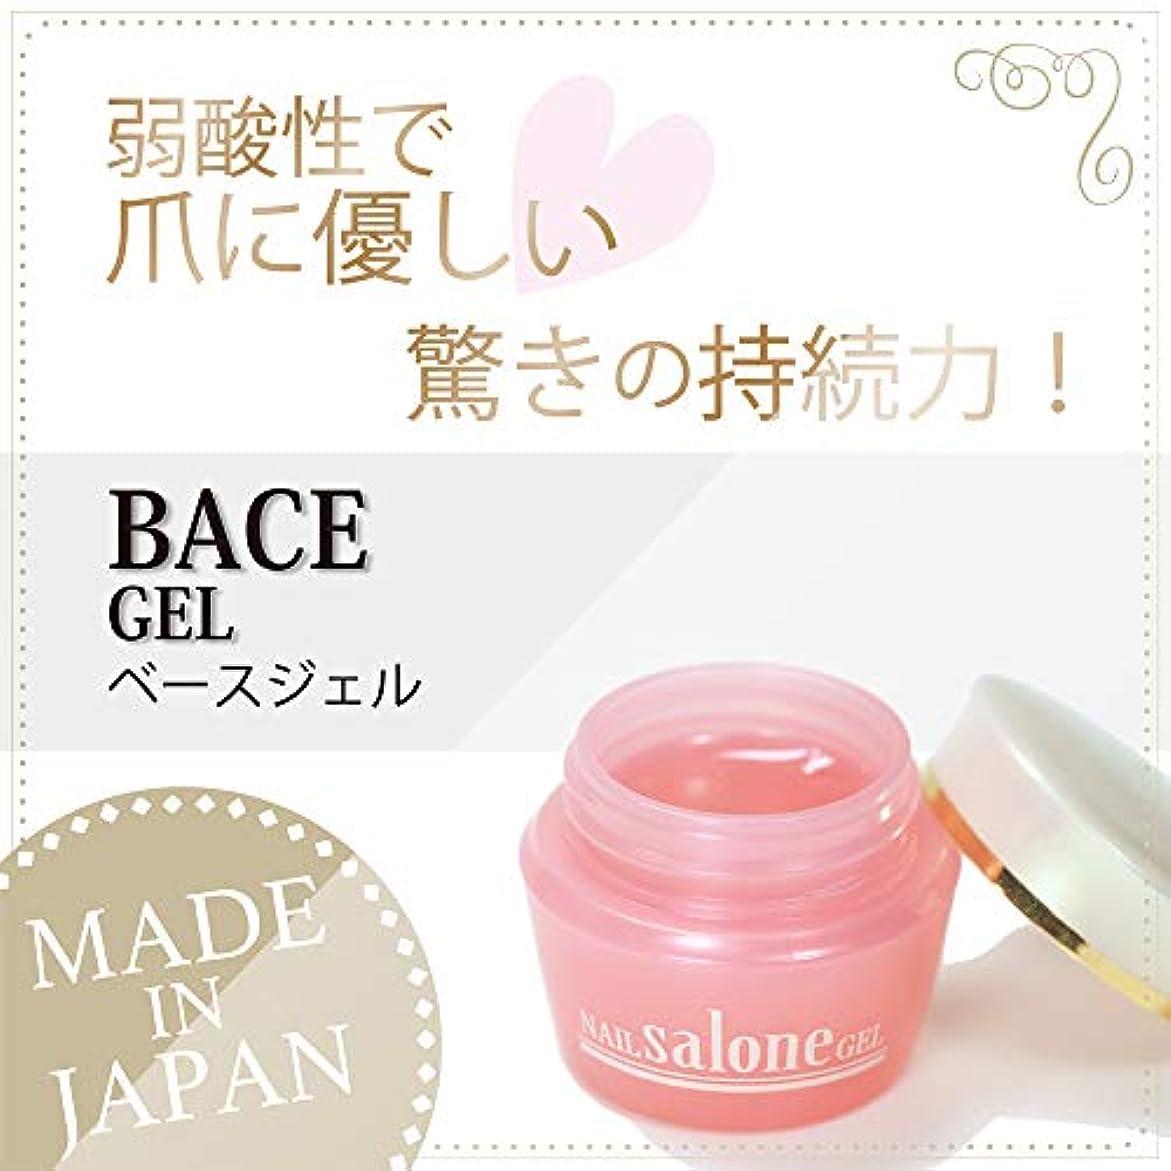 きつくマトンその間Salone gel サローネ ベースジェル 爪に優しい 日本製 驚きの密着力 リムーバーでオフも簡単3g